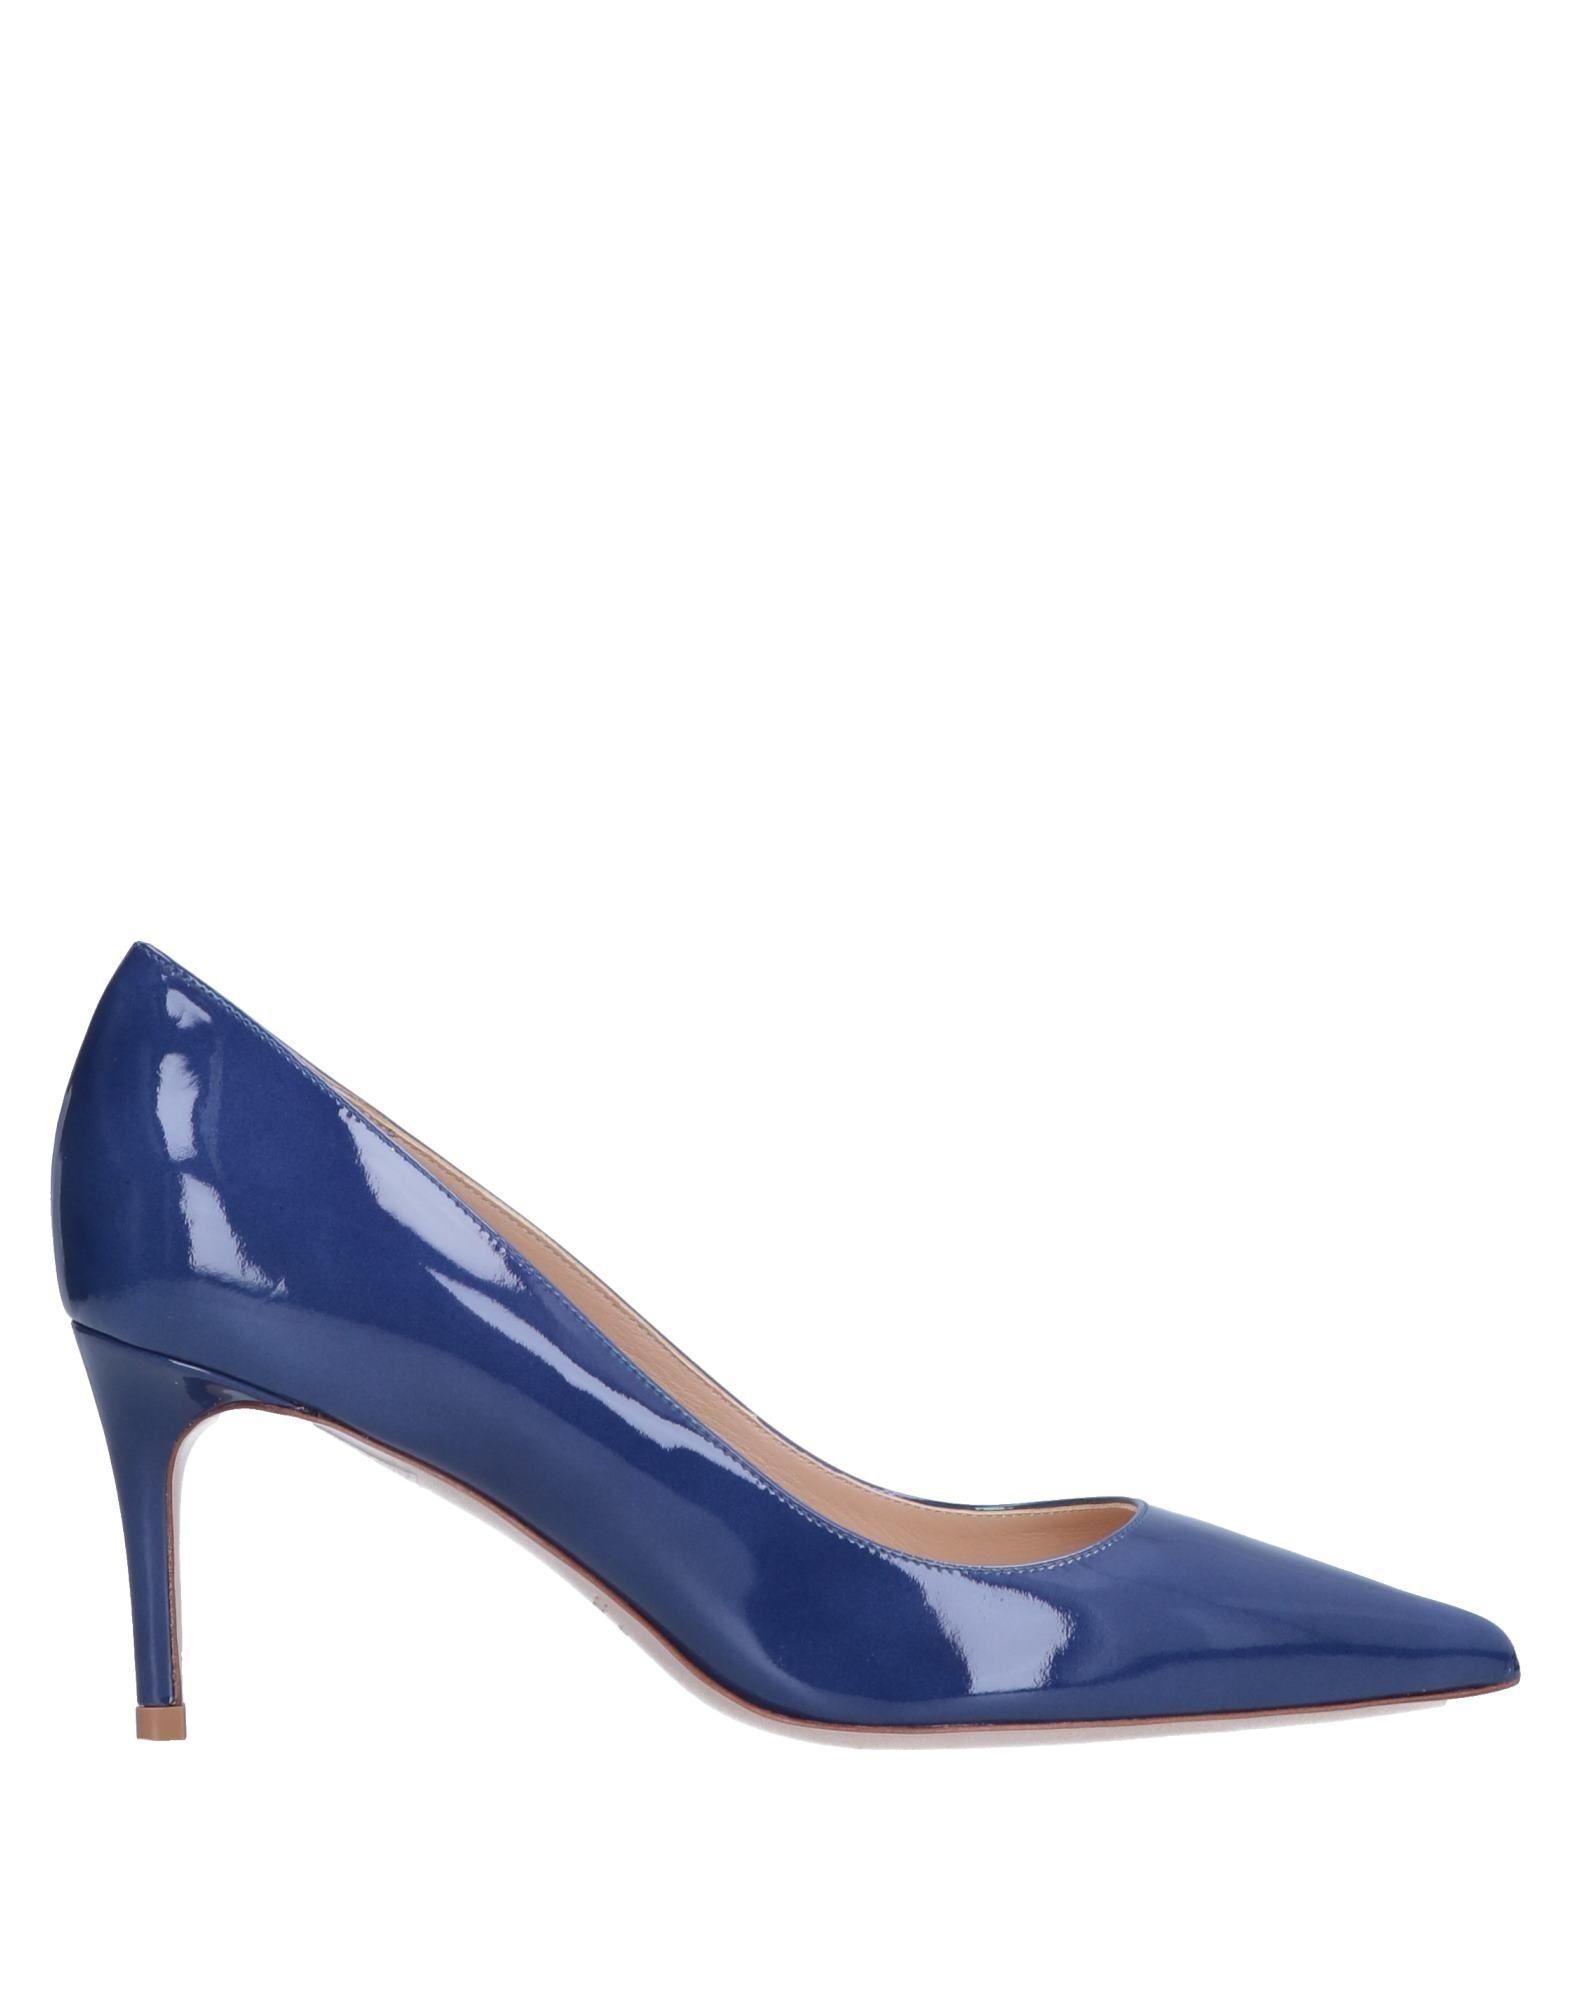 Κορυφαία προϊόντα για Παπούτσια - Φθηνότερα Προϊόντα - Σελίδα 6820 ... 92783460aaf